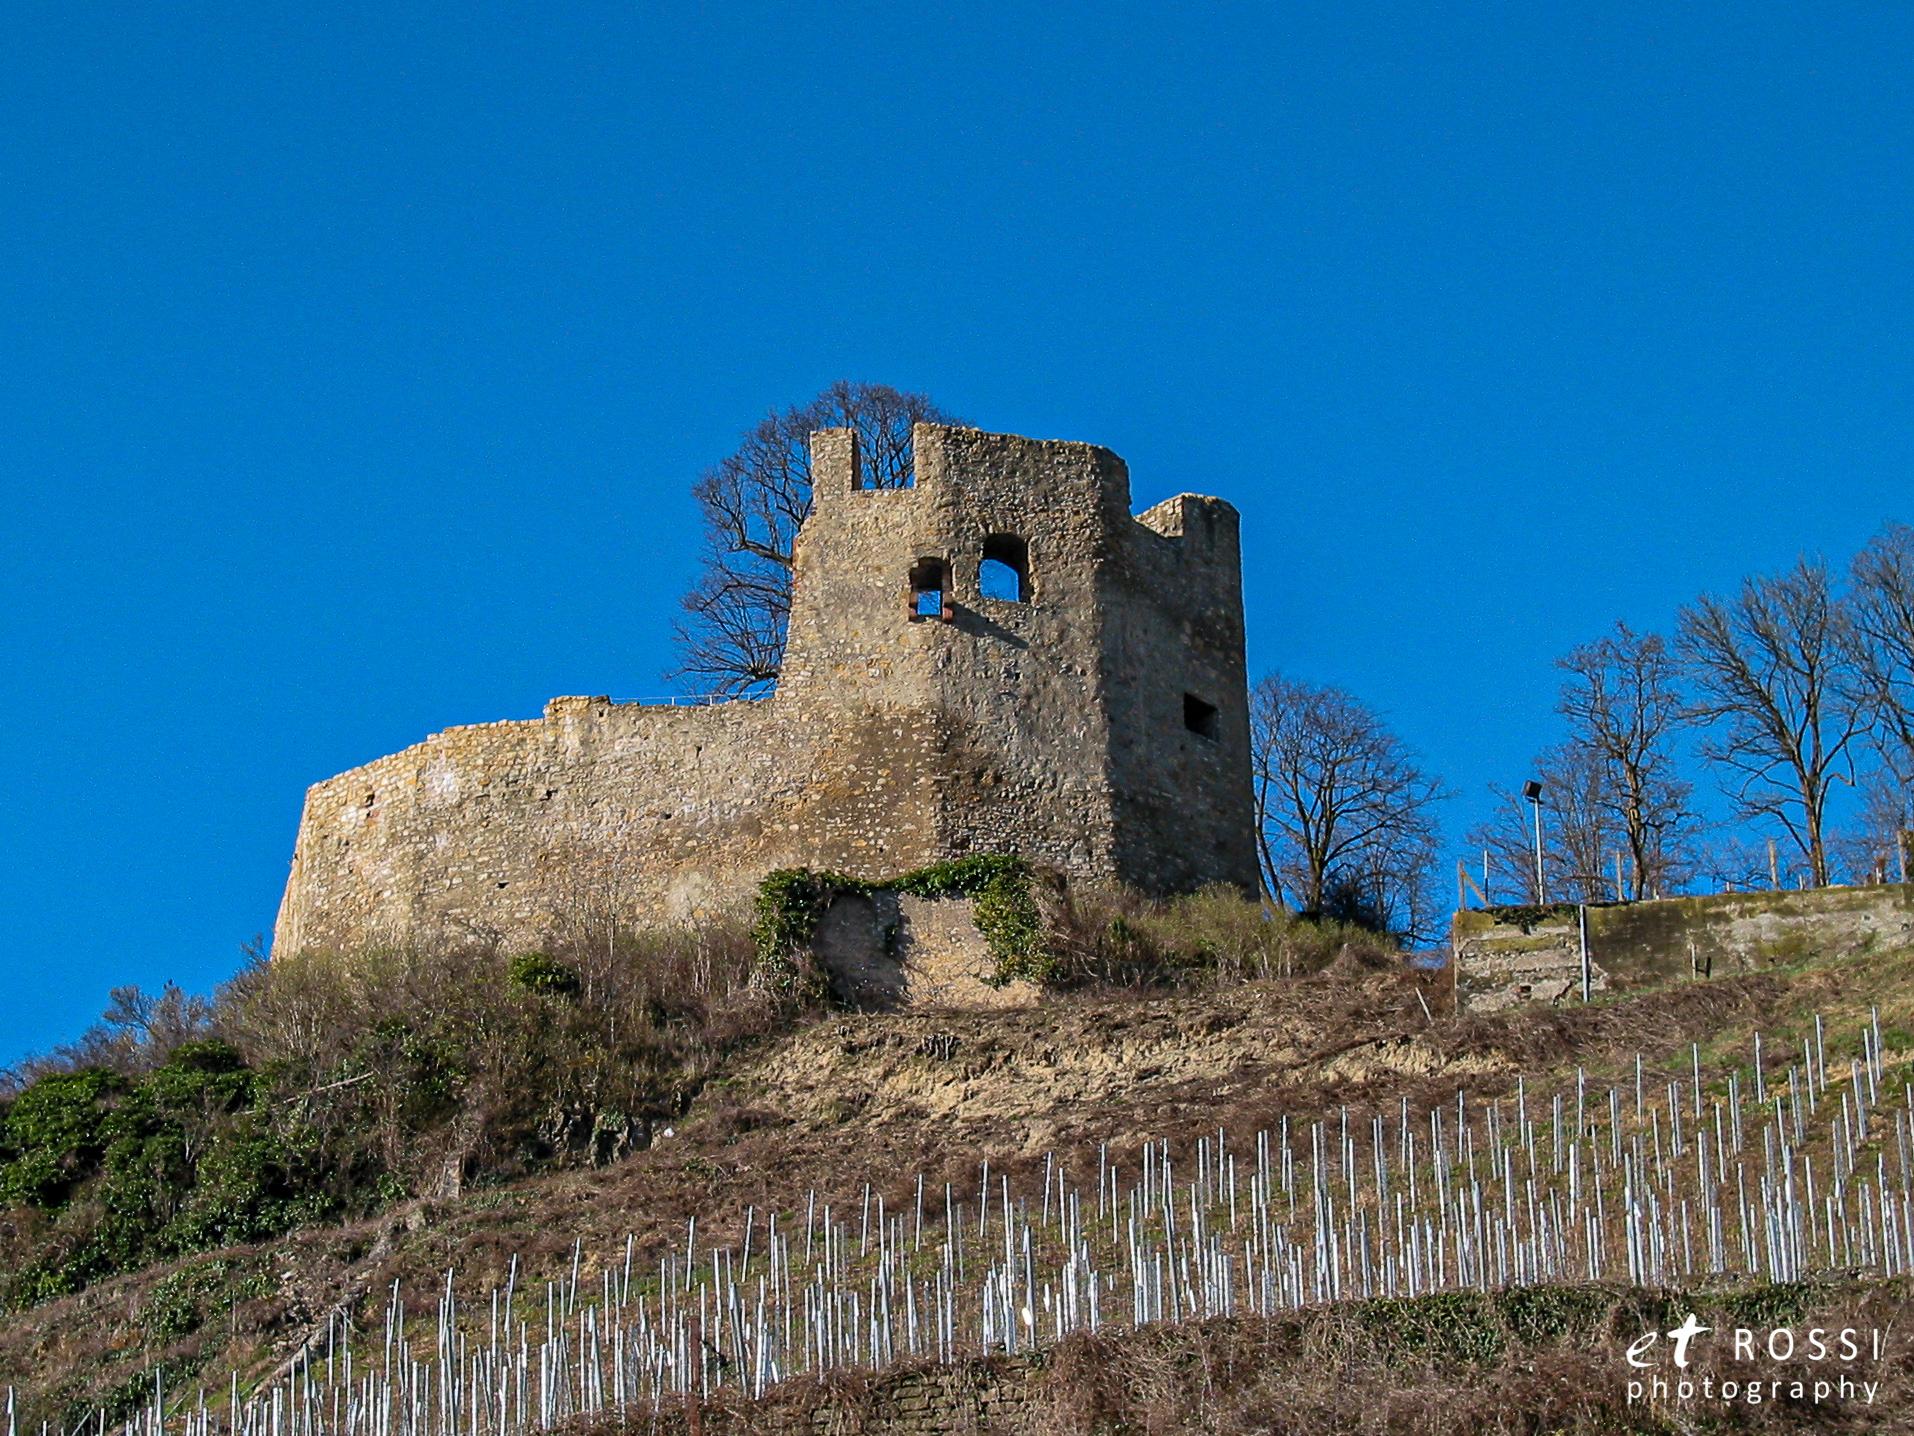 Lichteneck 2002 0061 - Burg Lichteneck